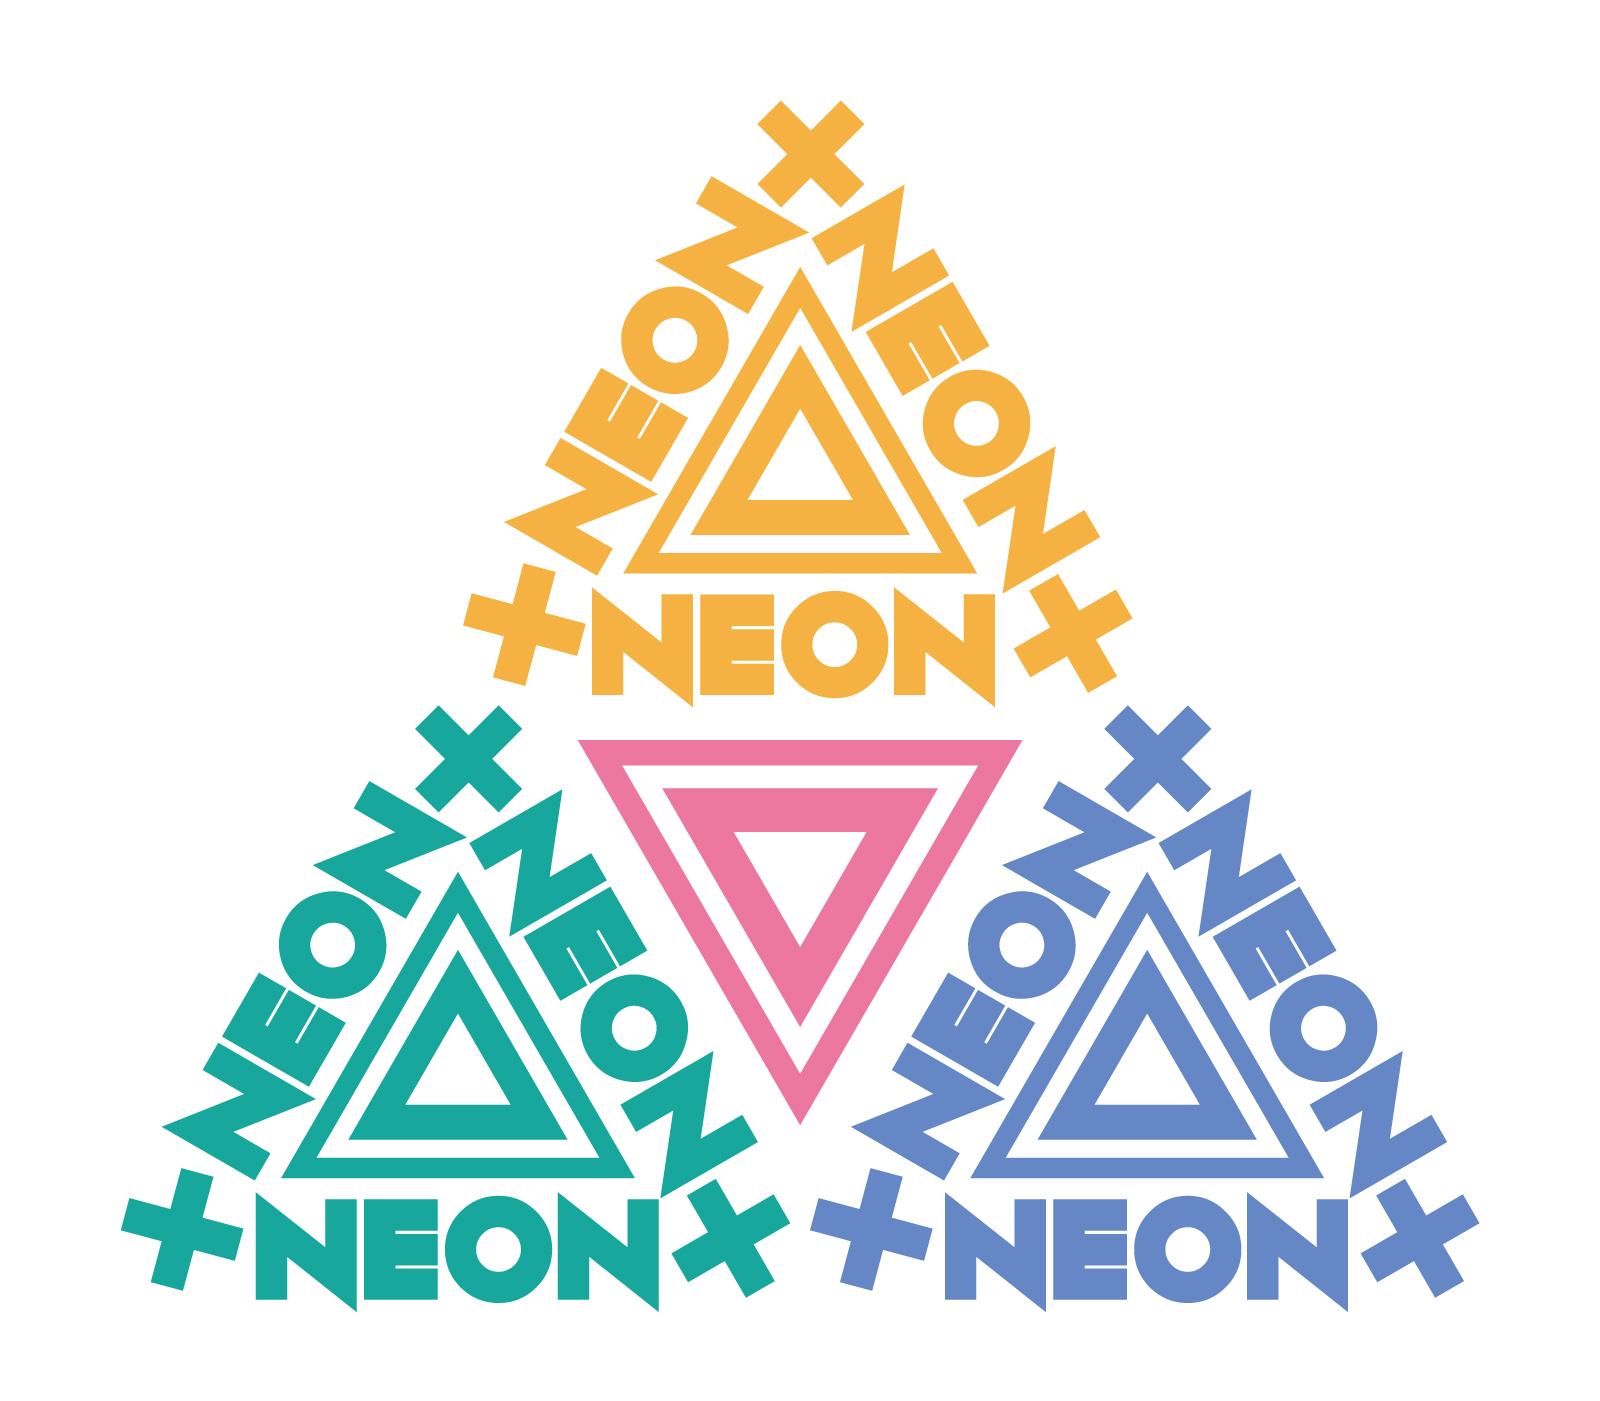 2018年7月30日(月) 「NEON×NEON×NEON」